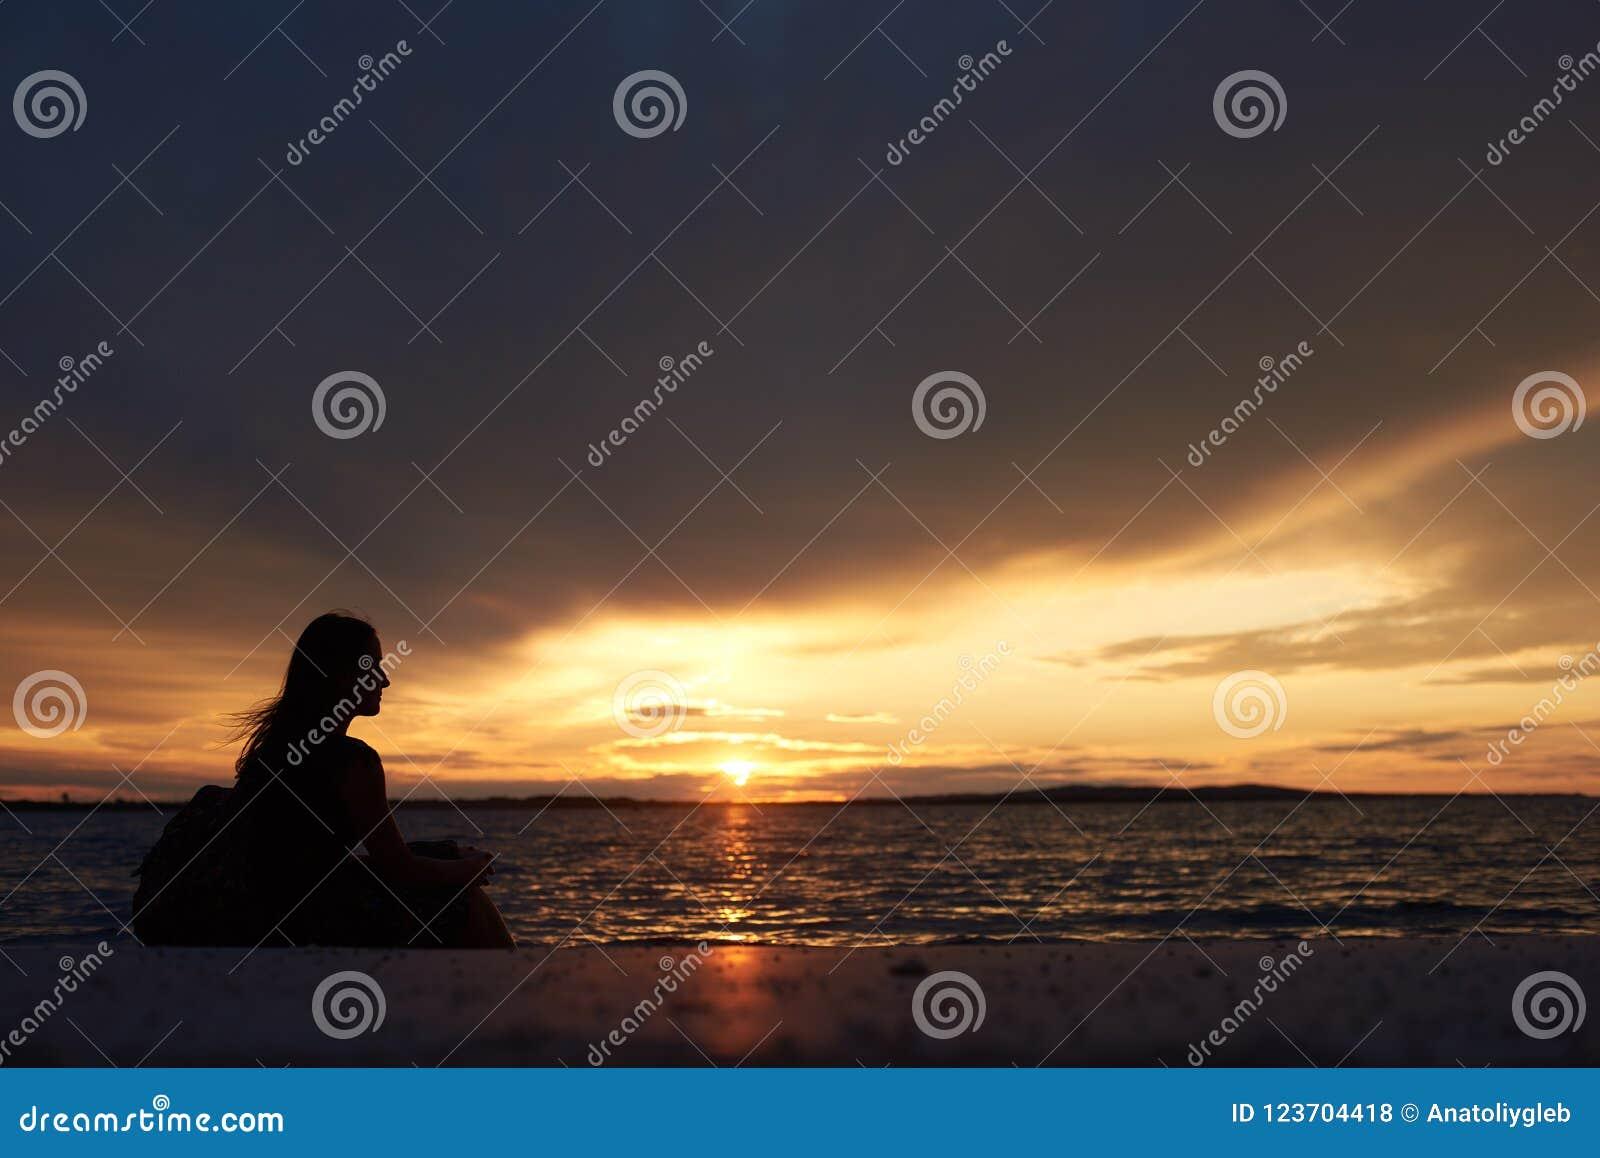 Silhouette seule de femme au bord de l eau, appréciant le beau paysage marin au coucher du soleil